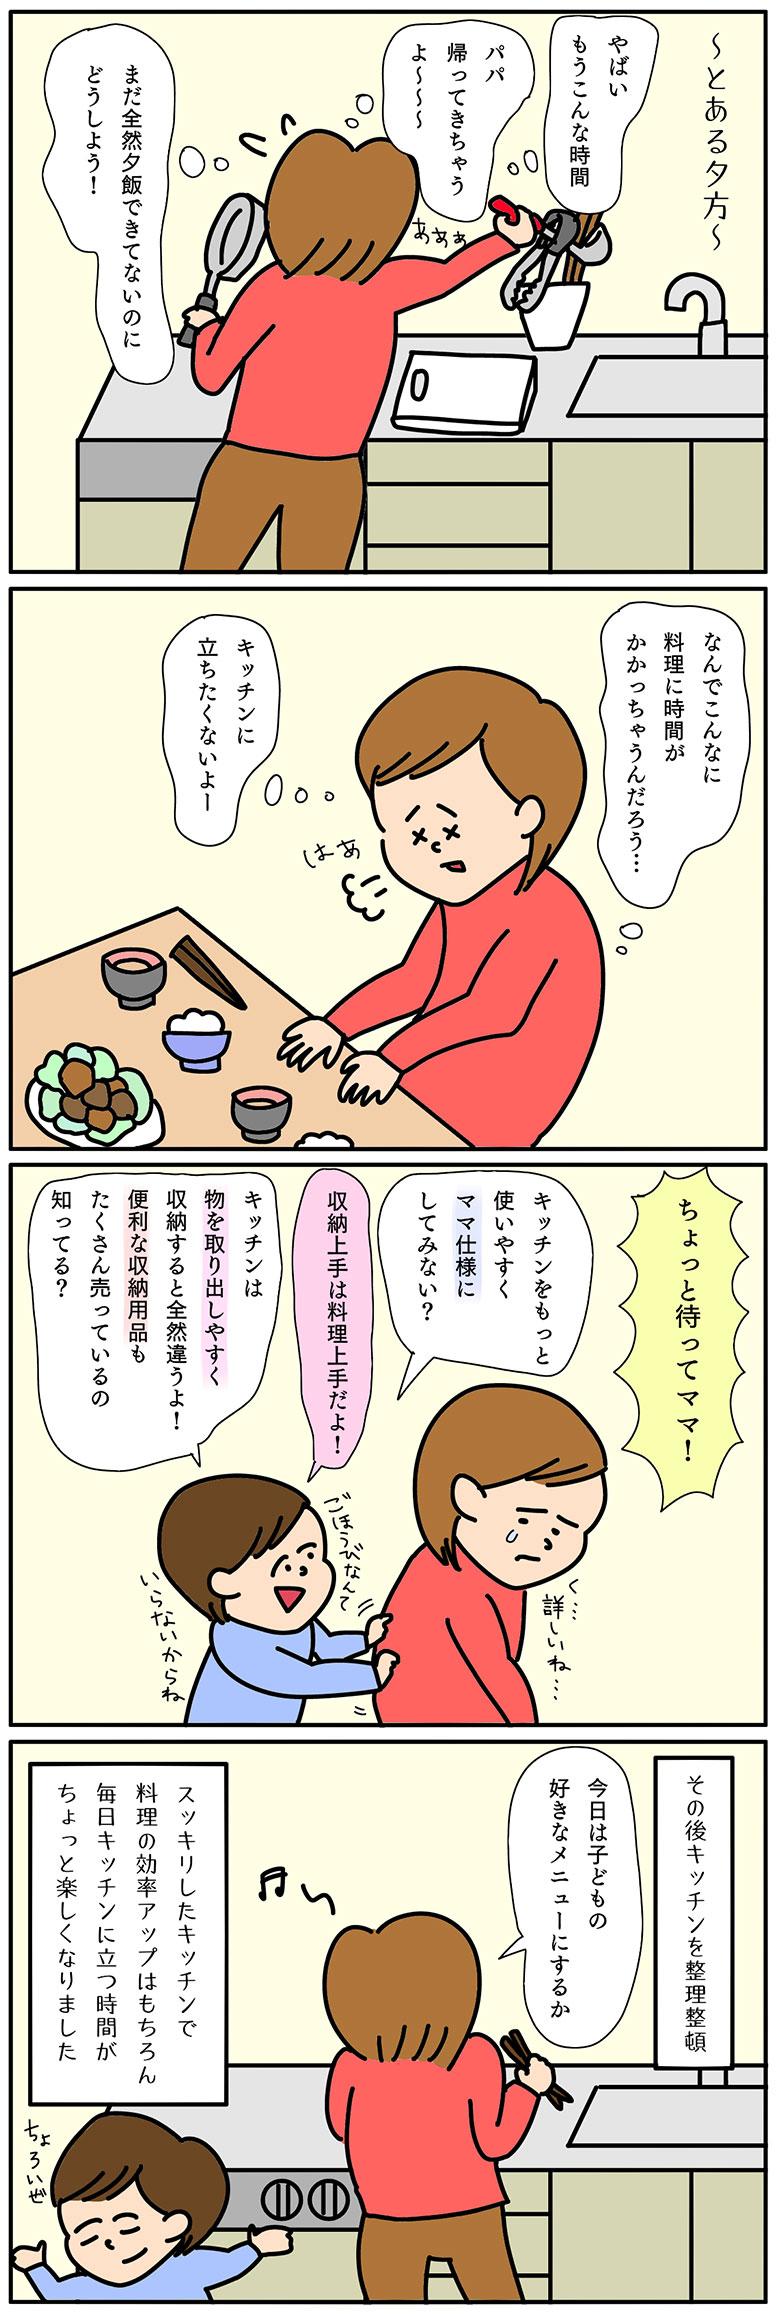 キッチン用品収納の4コマ漫画